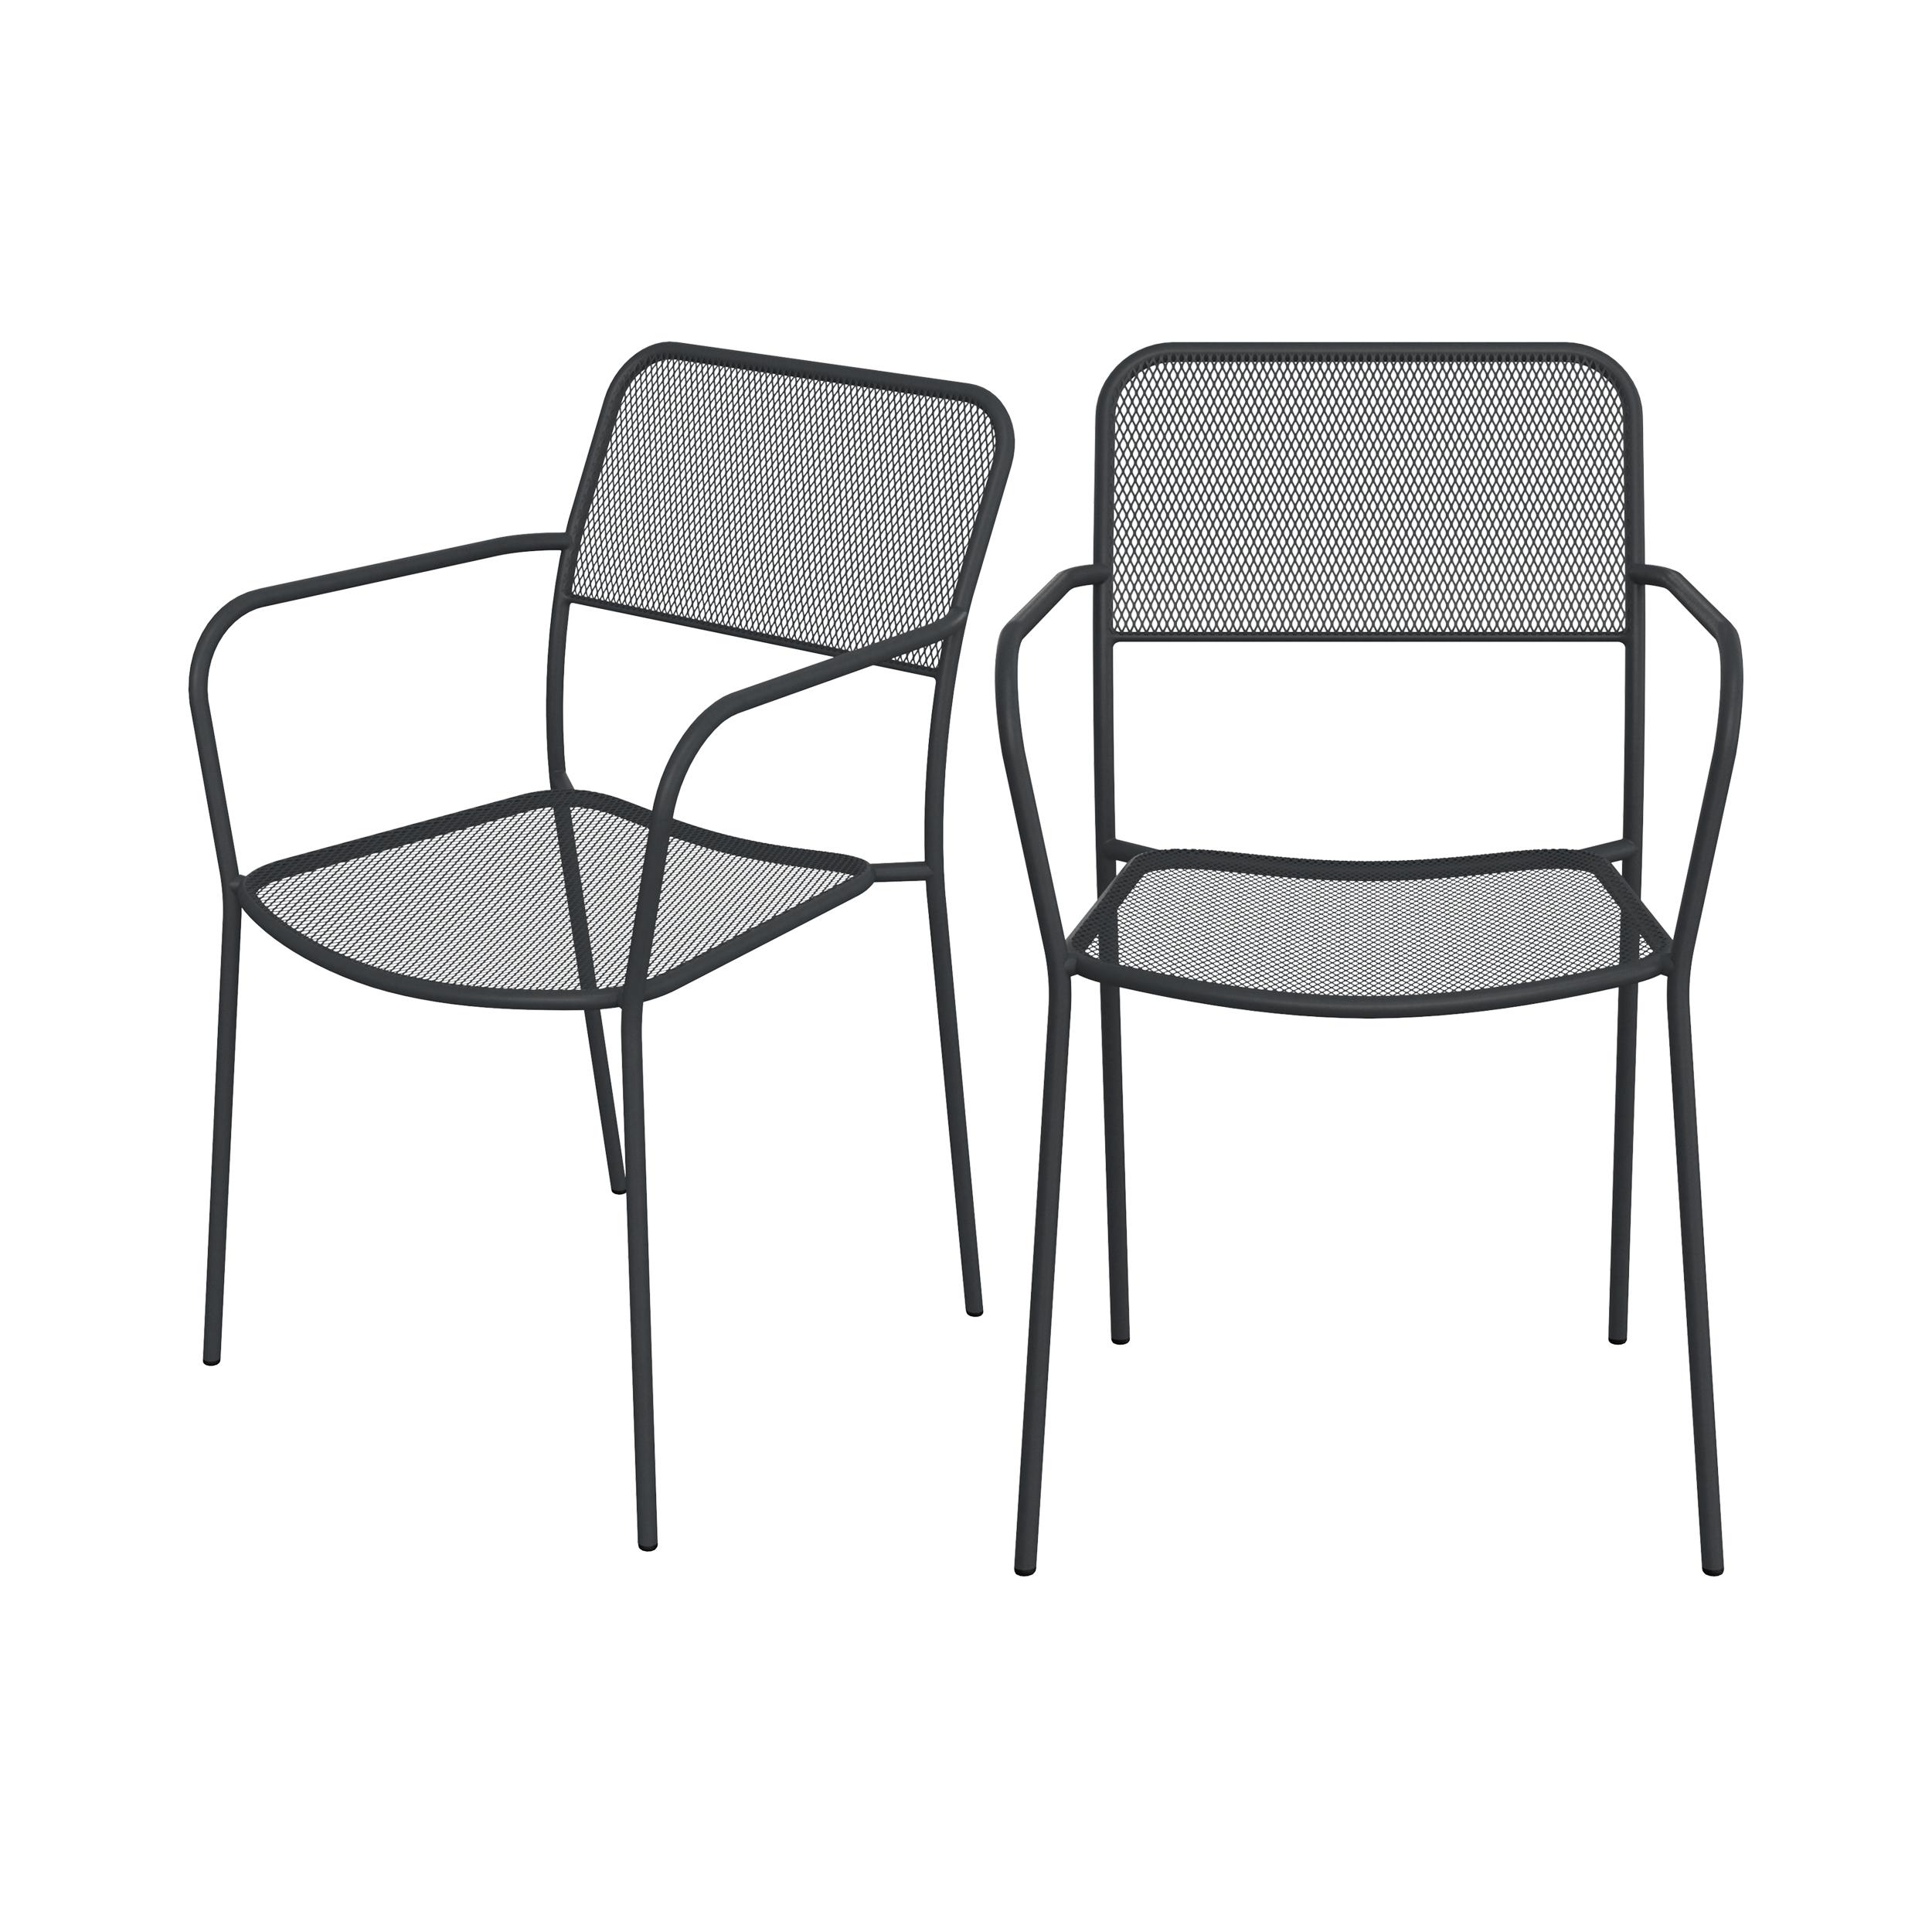 Chaise de jardin en métal gris mat (lot de 2)